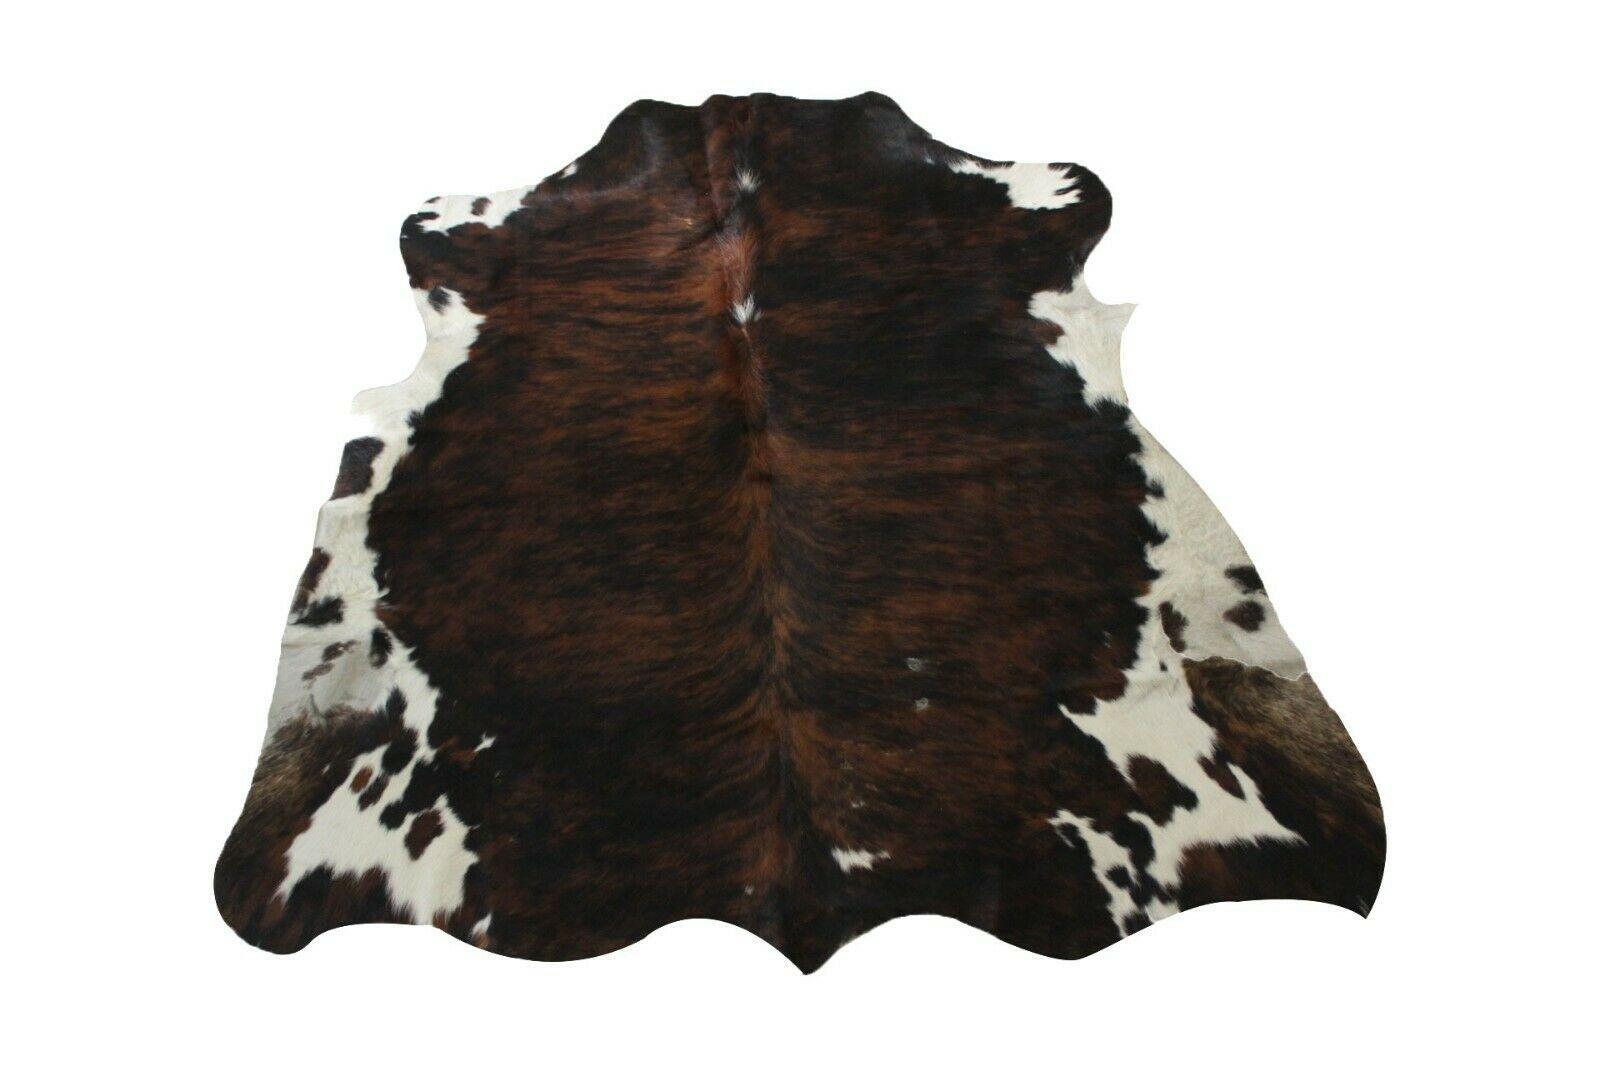 Details About Cowhide Rug Brindle Cow Hide Leather Rug Cow Skin Decor Cow Hyde Rug Cow Skin Cow Hide Rug Brindle Cowhide